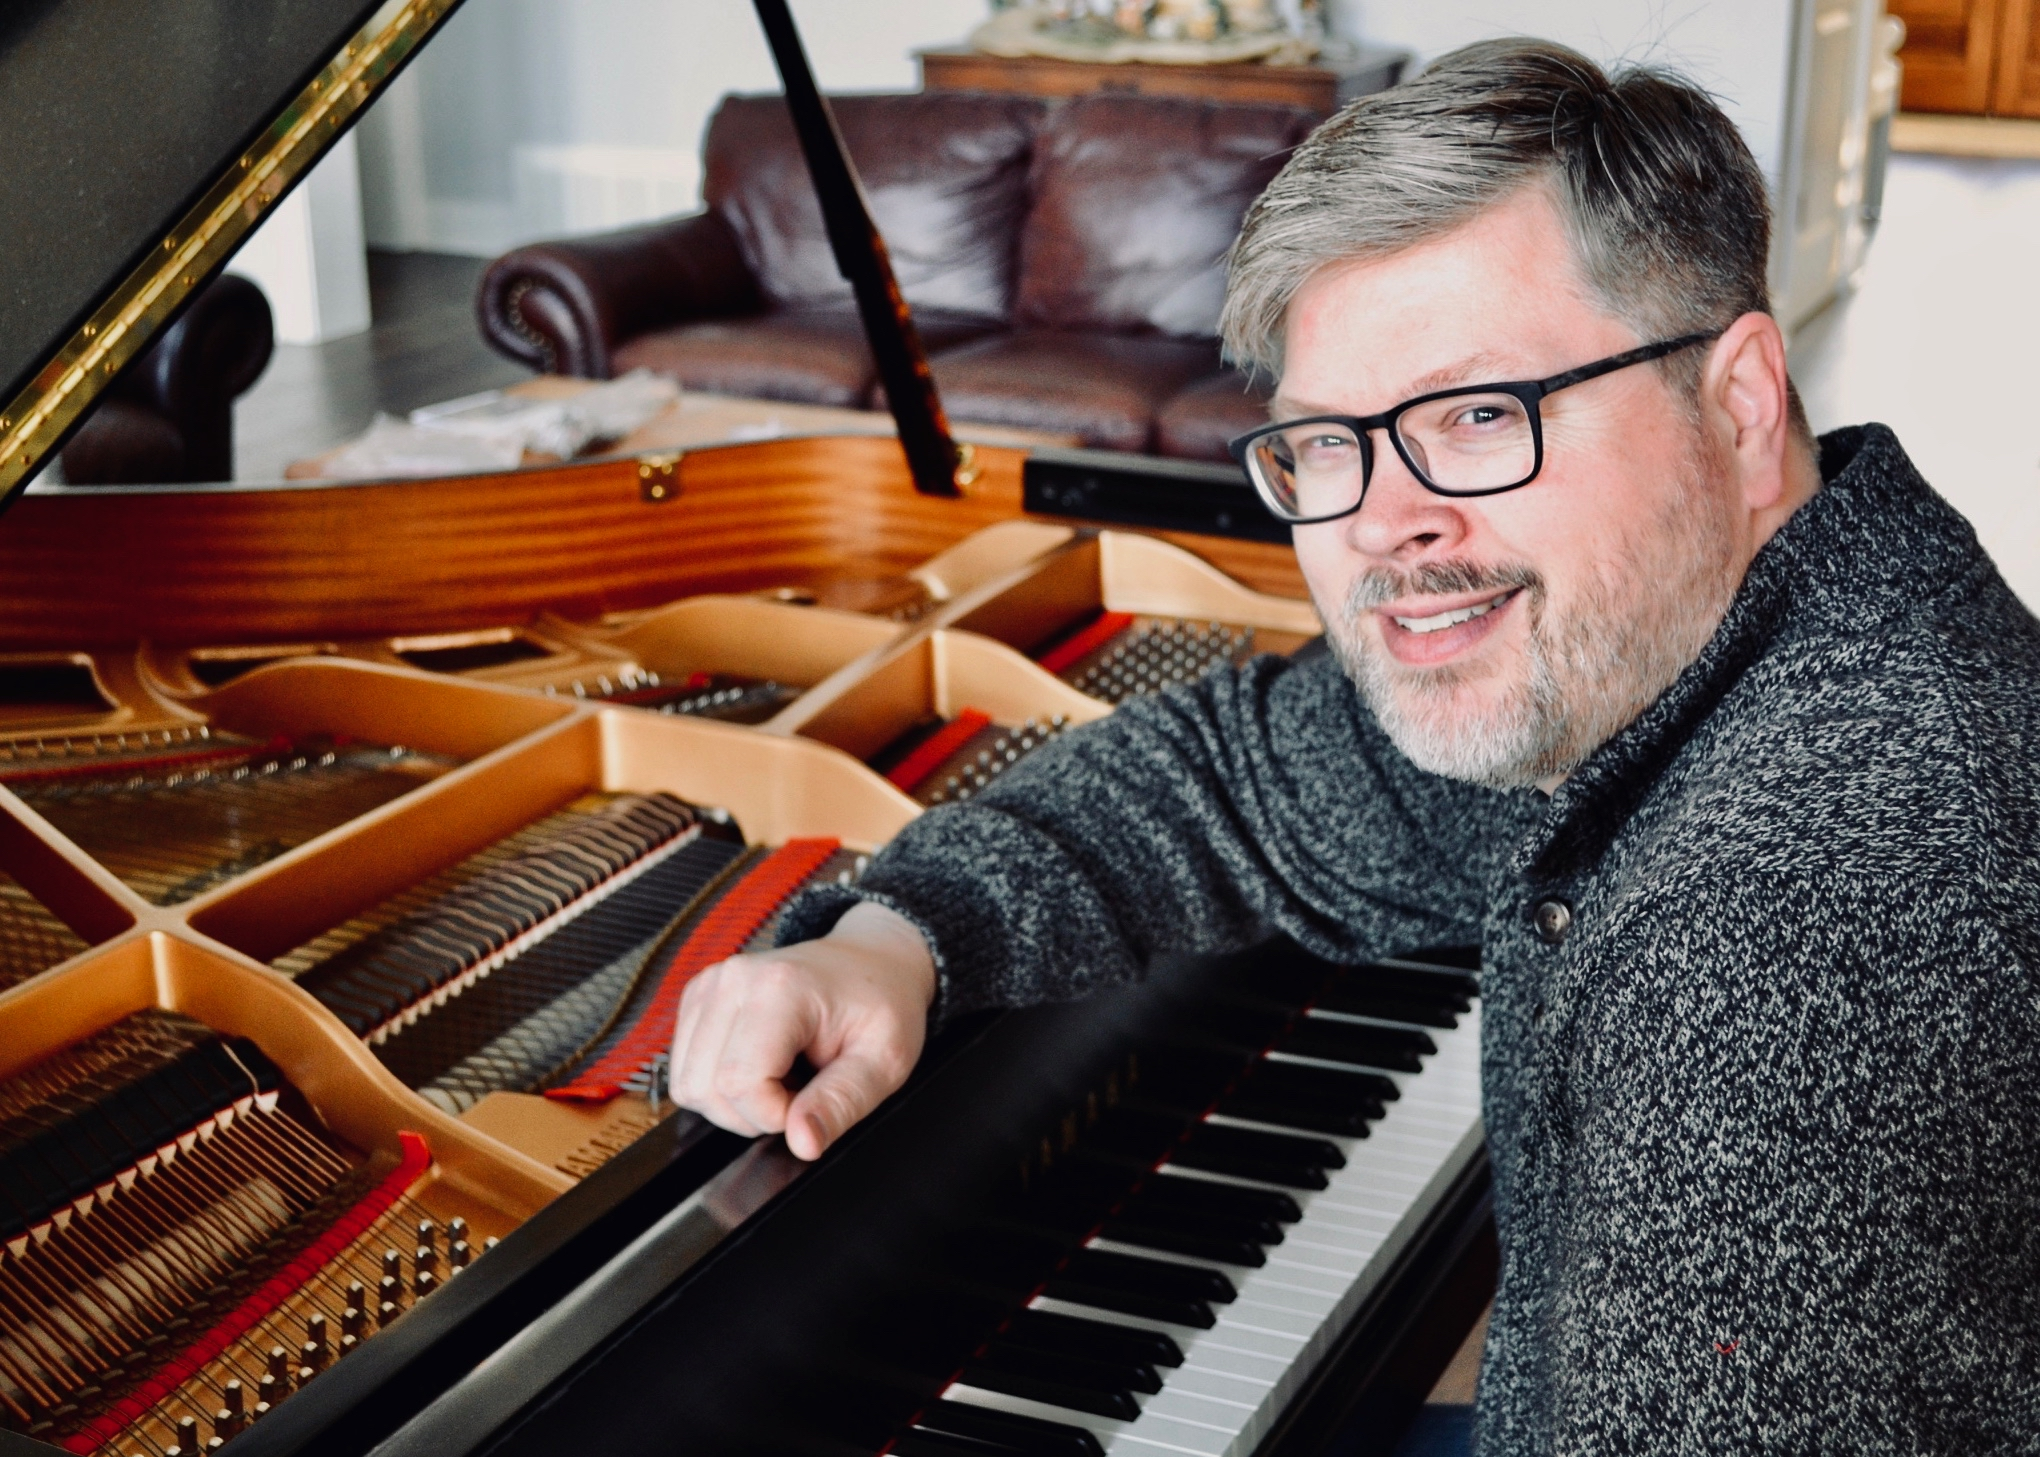 John Albert Thomas at the piano